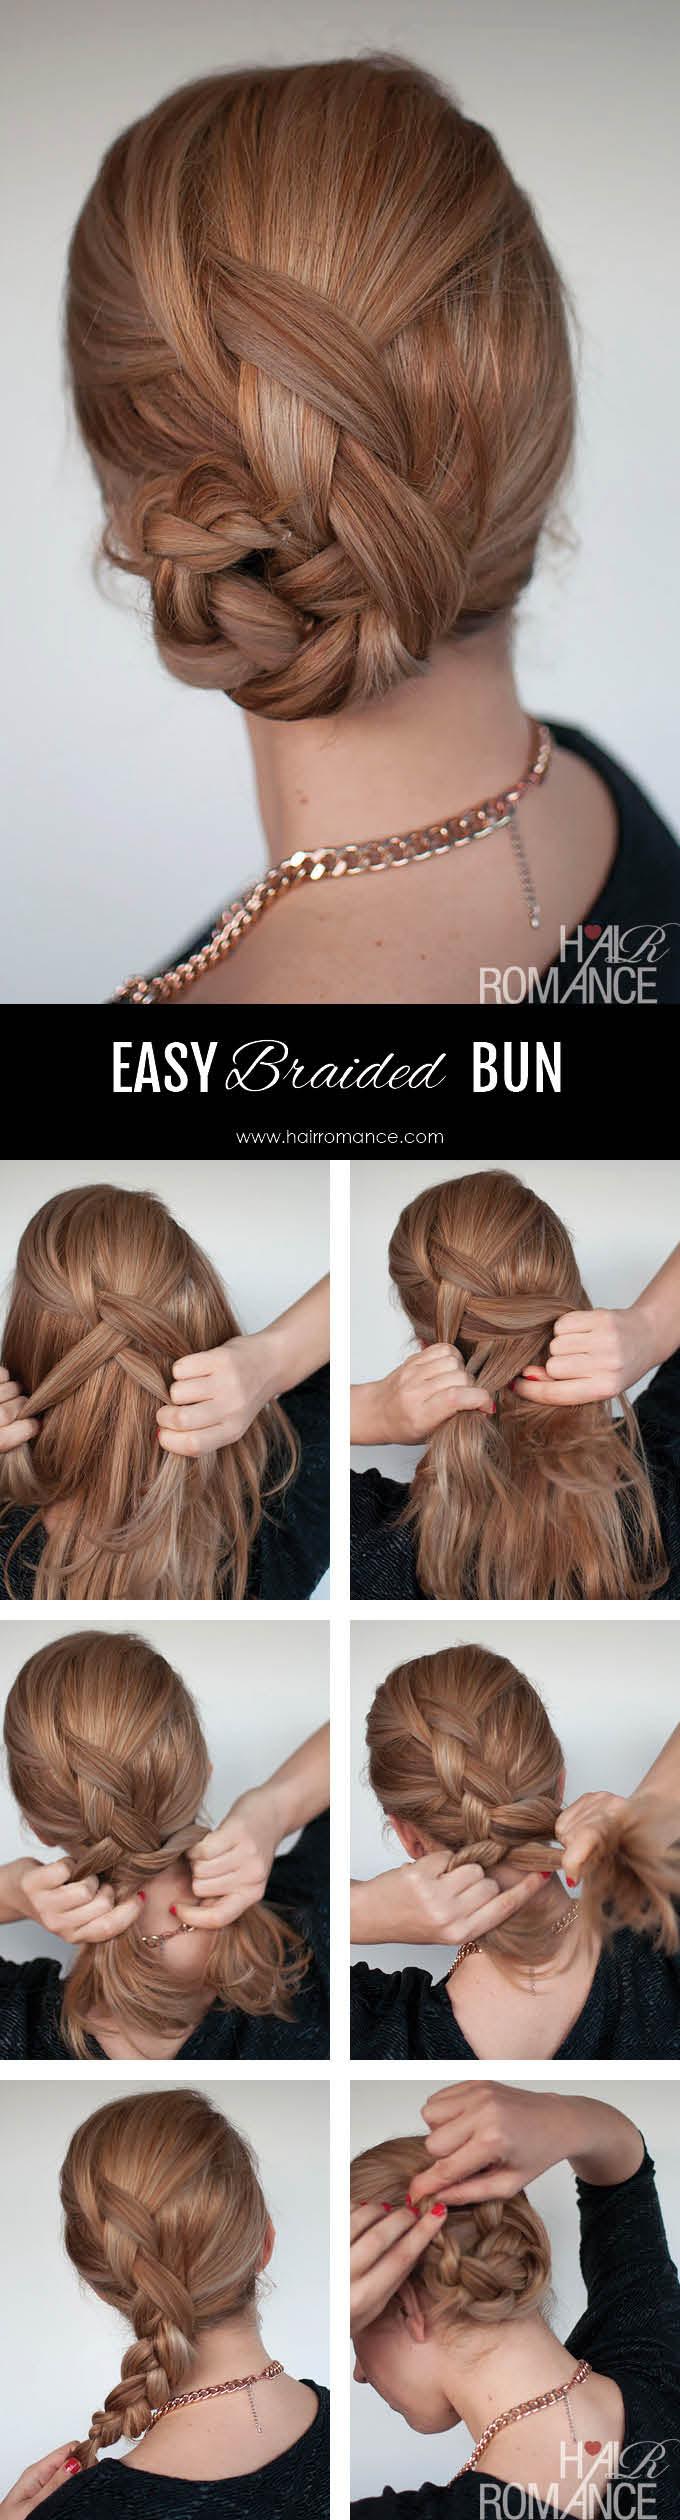 Hair Romance - Easy braided bun hairstyle tutorial